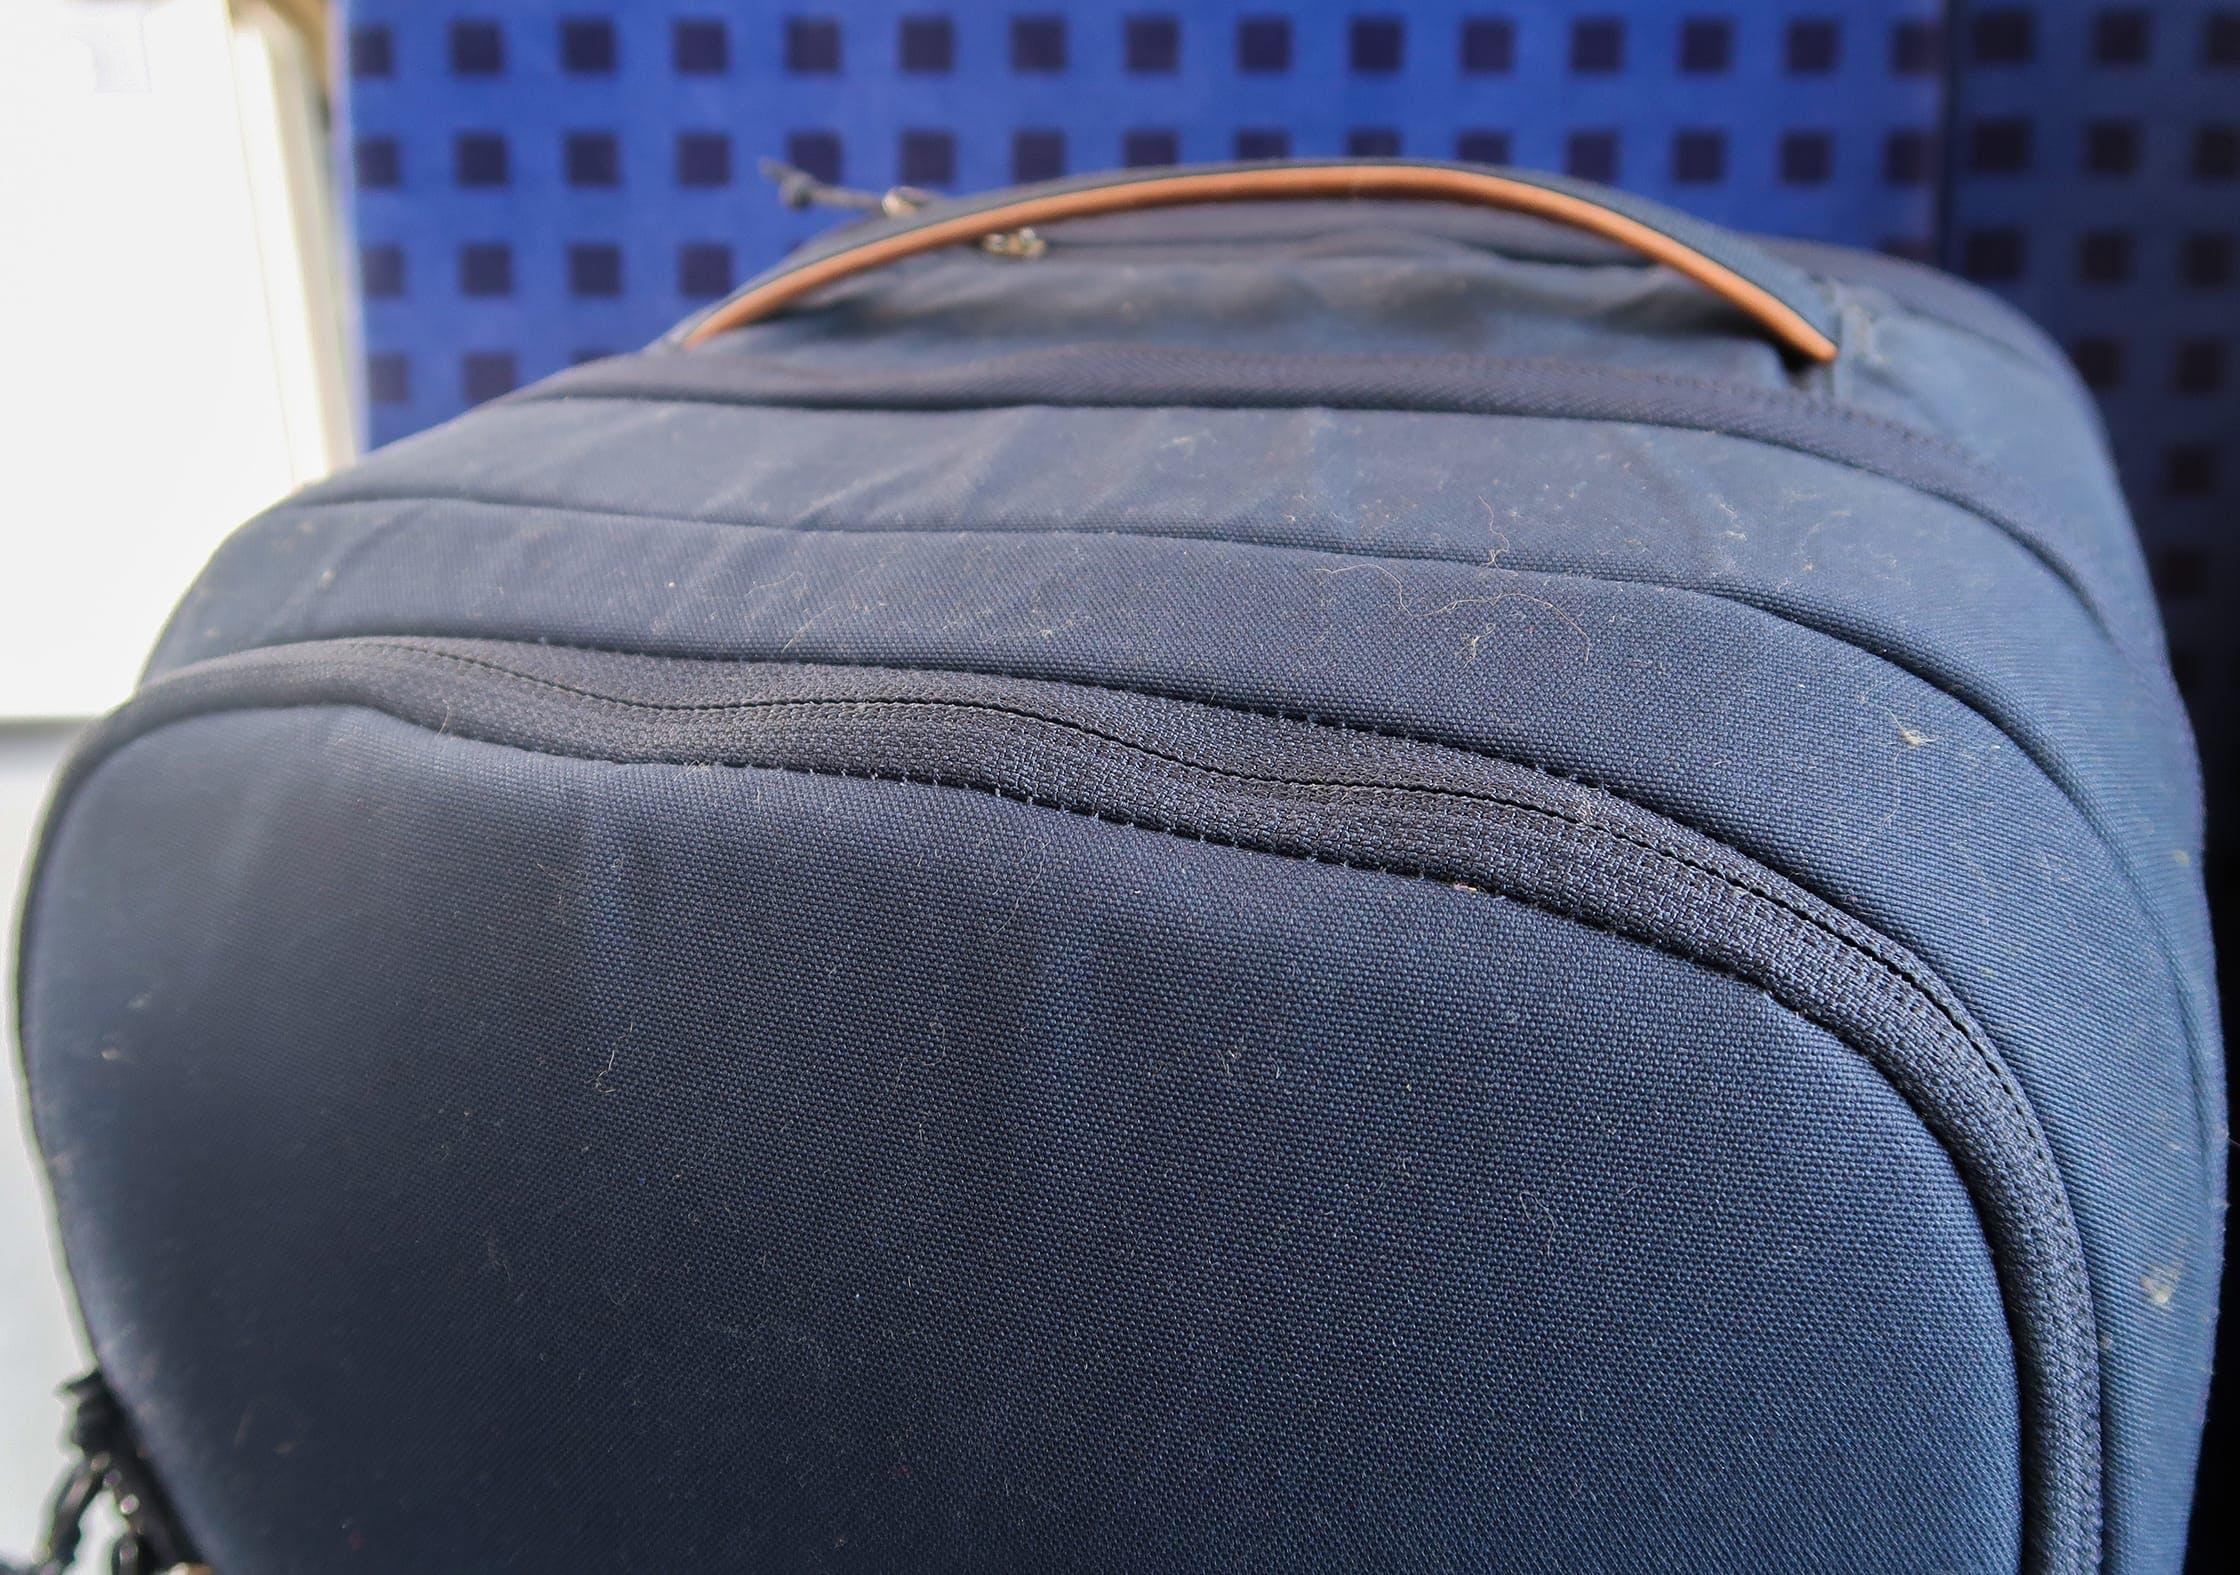 Fjallraven Travel Pack G-1000 Fabric Picks Up Fluff Easy